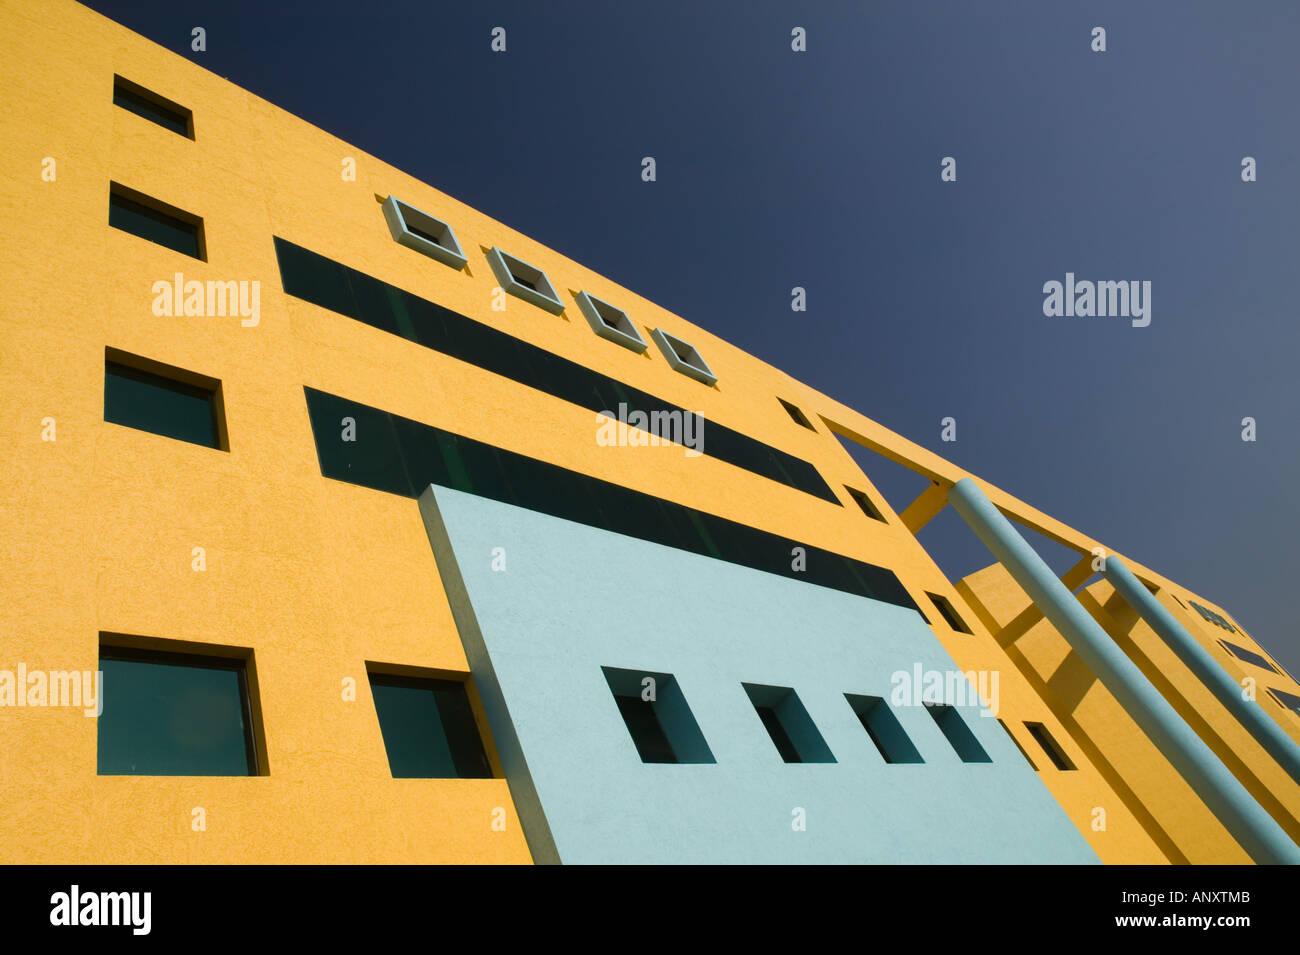 L'Inde, de l'Andhra Pradesh, Hyderabad: HITEC City, centre important de l'industrie indienne du logiciel Centre d'appel. Kanbay / Bâtiment JVP Banque D'Images